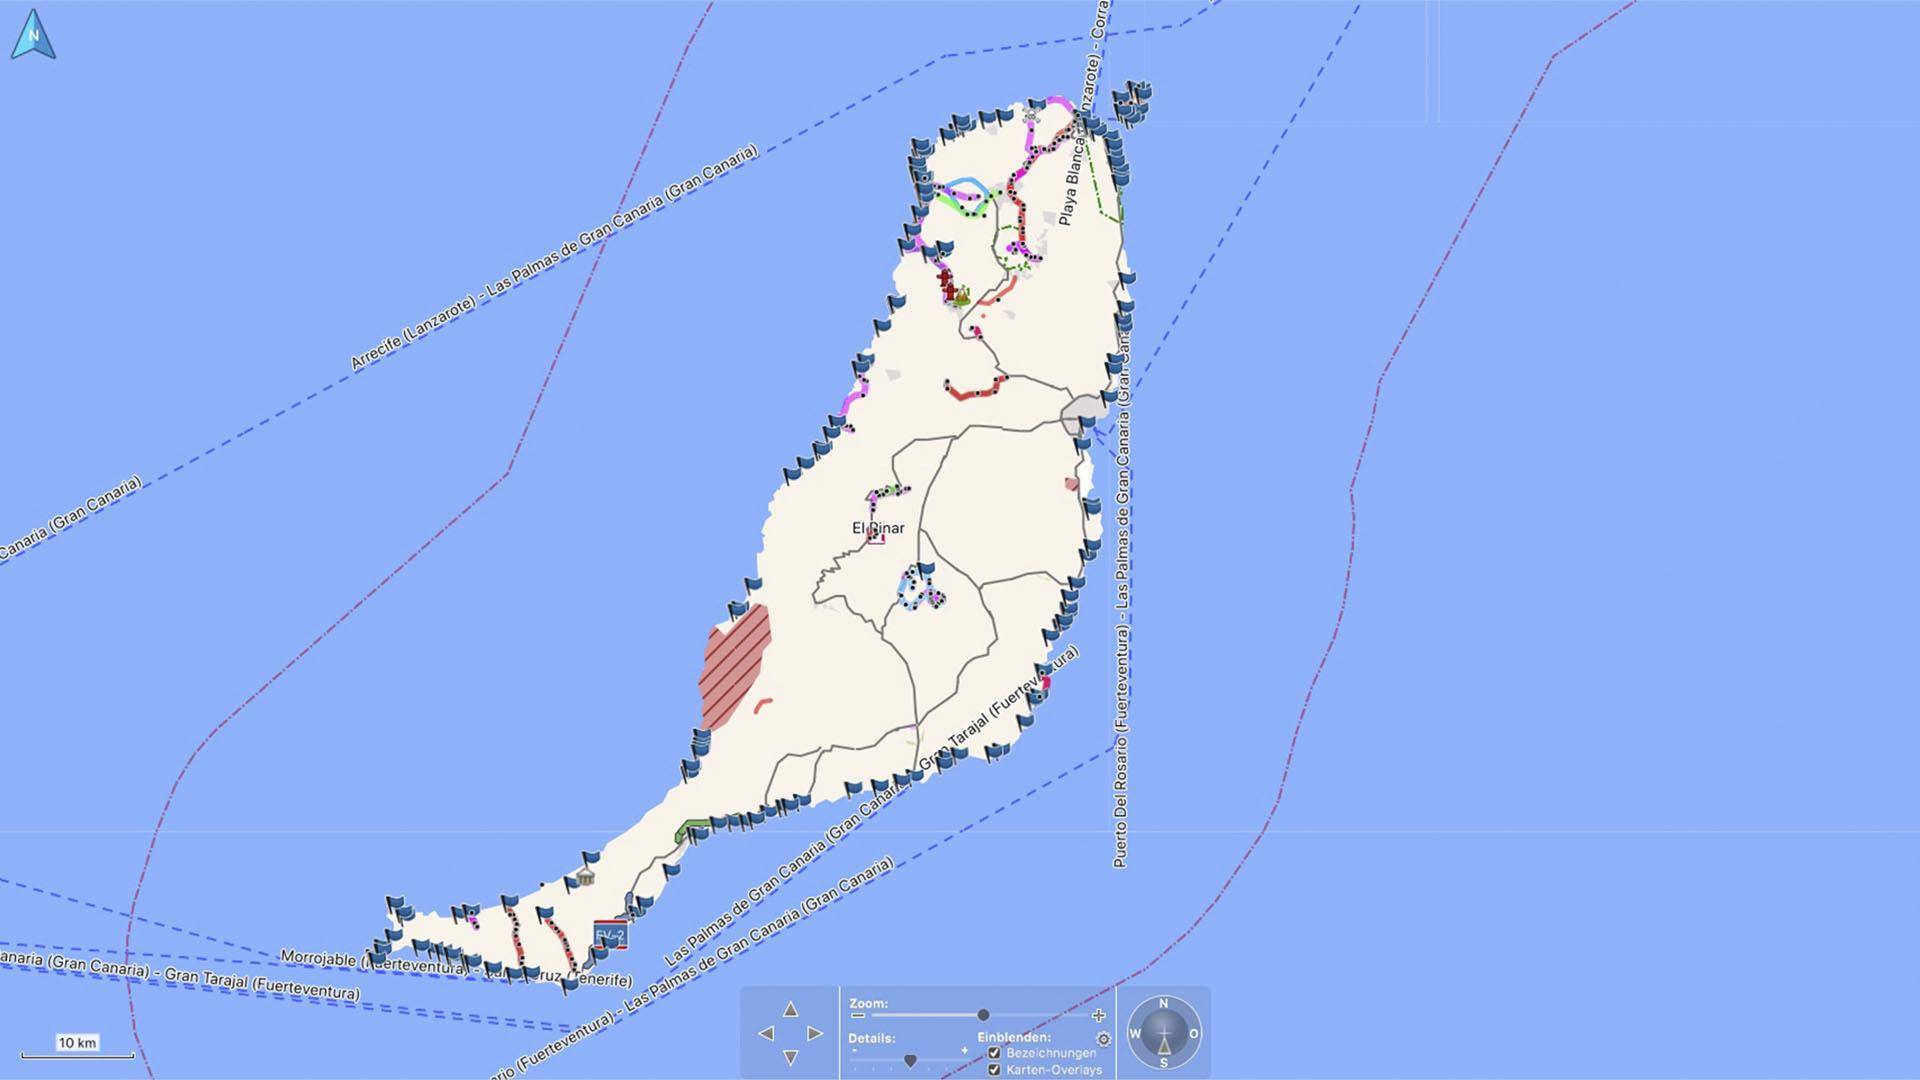 Fuerteventura Karte der Straende: Die gesamte Insel Fuerteventura im Ueberblick.